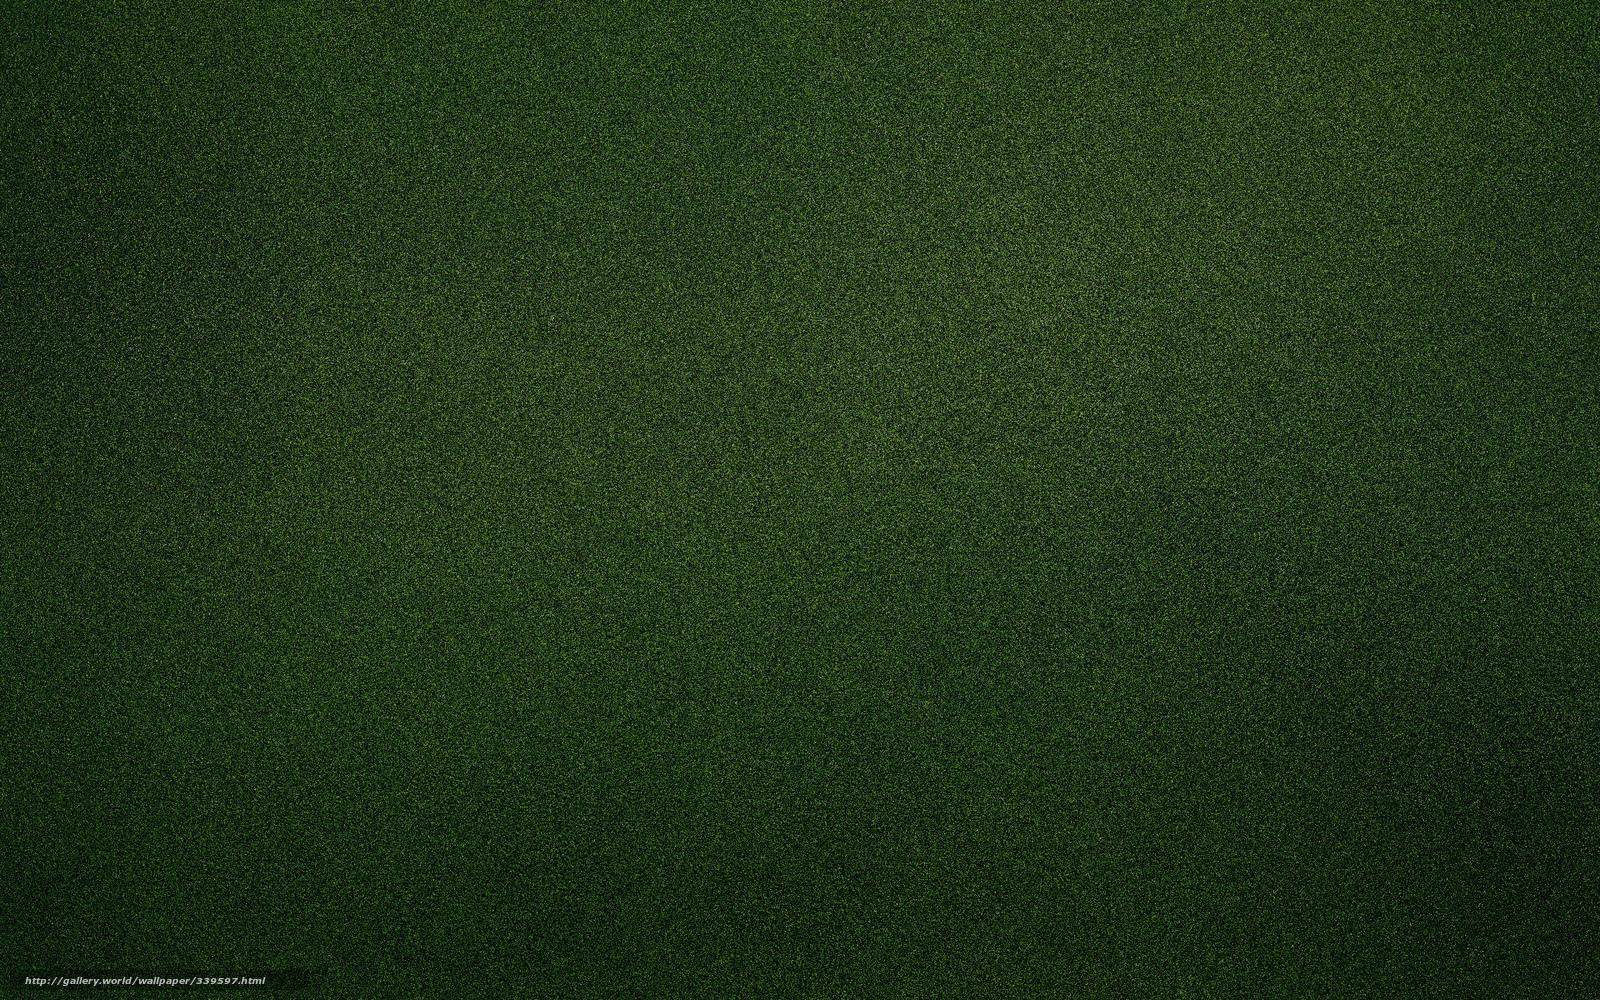 green textured wallpaper - photo #3